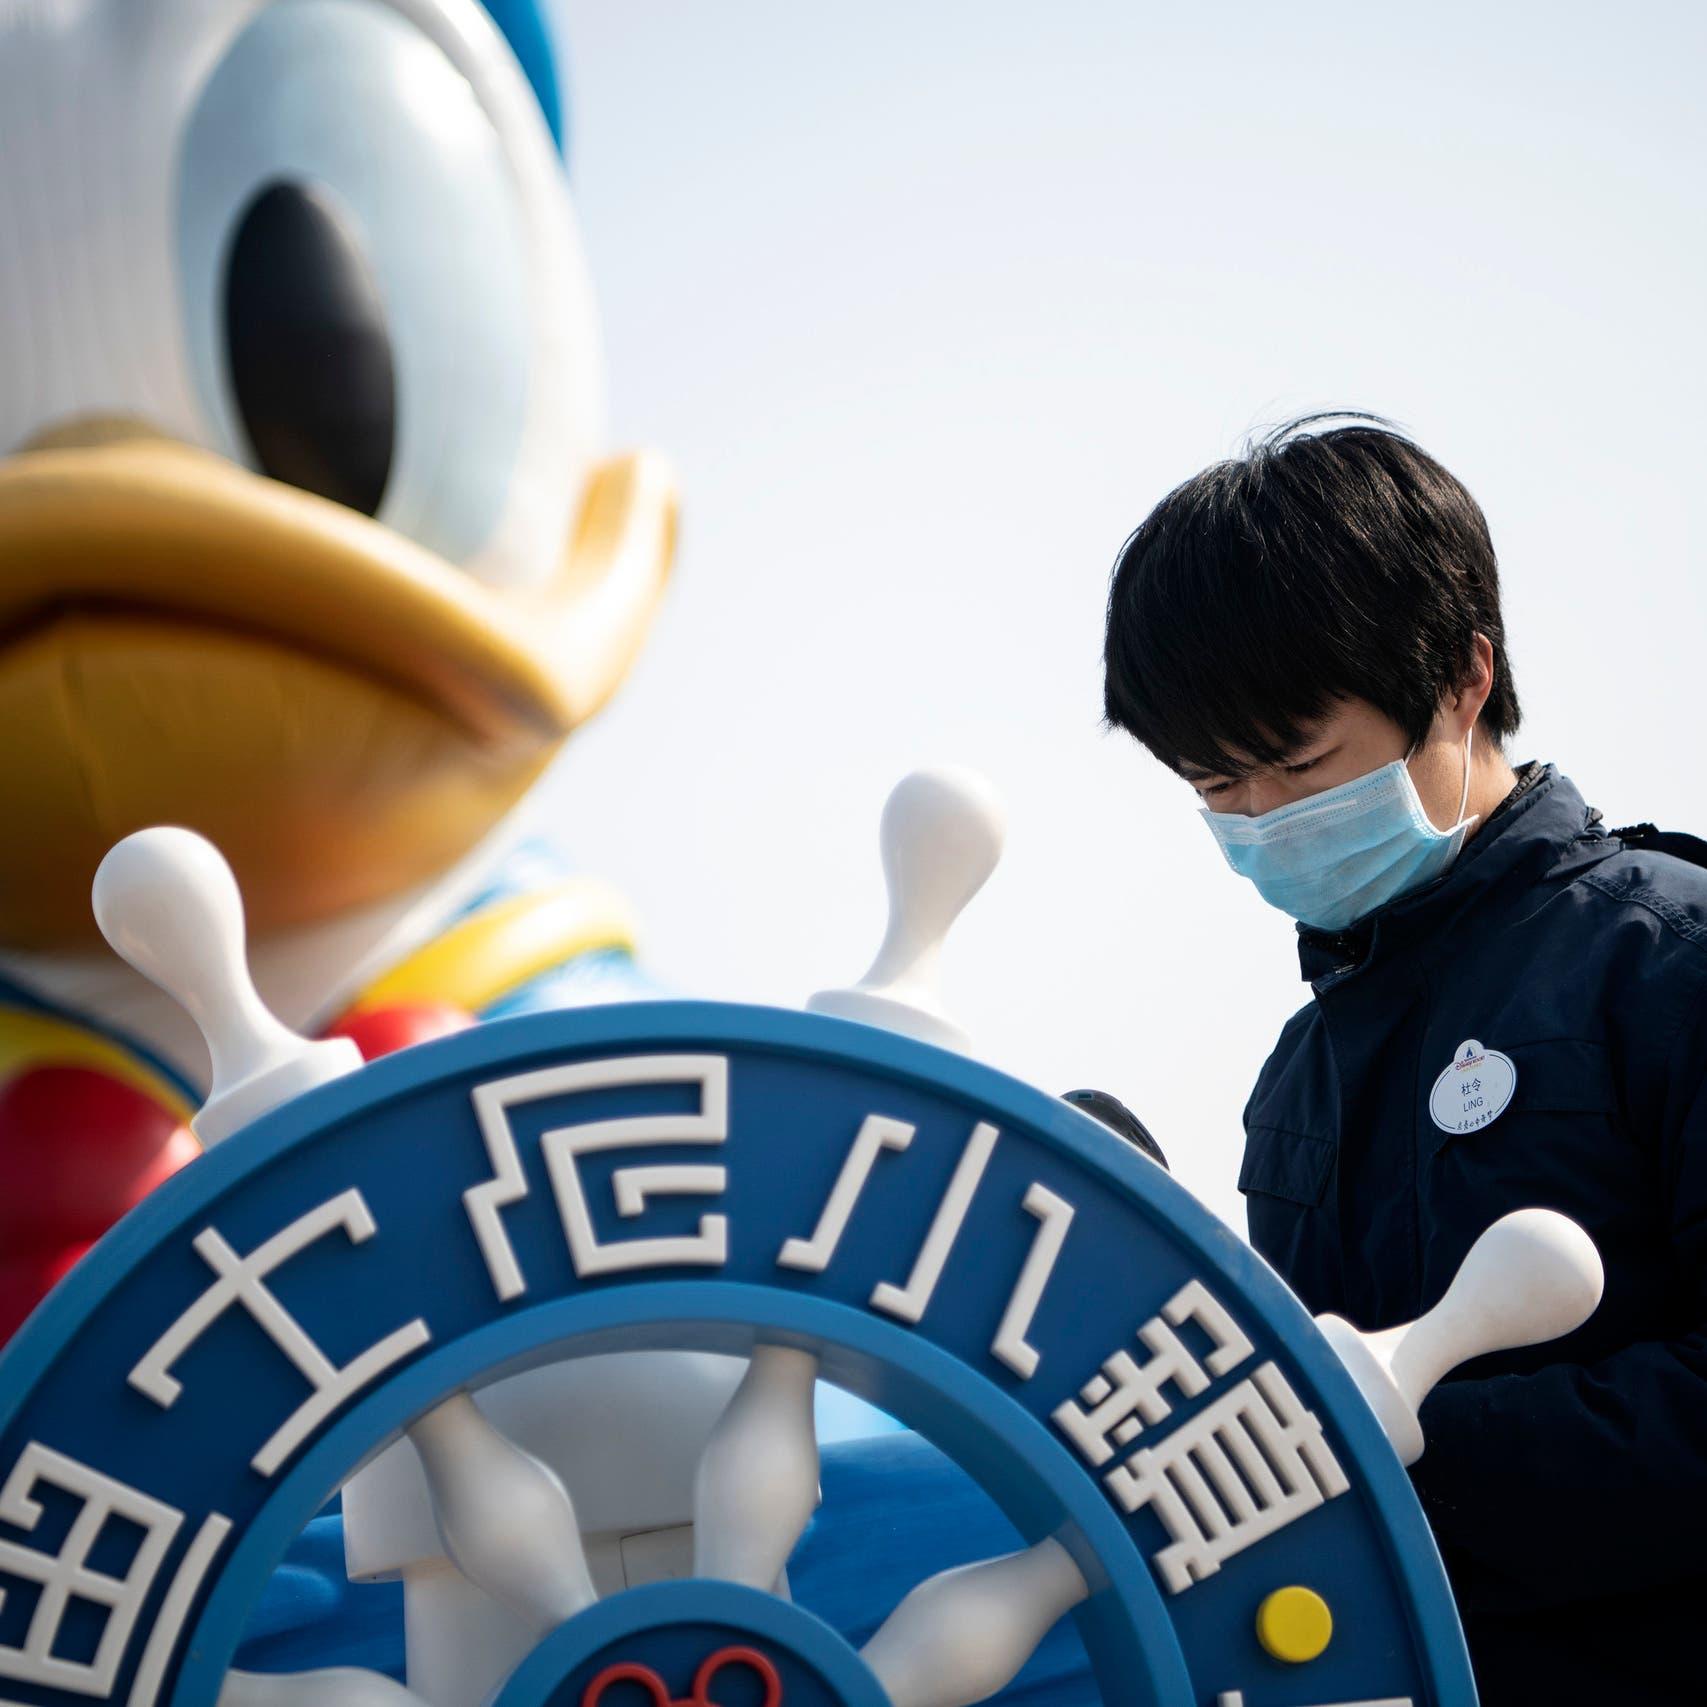 فيروس كورونا.. 31 وفاة بالصين والإصابات بكوريا تلامس 6 آلاف